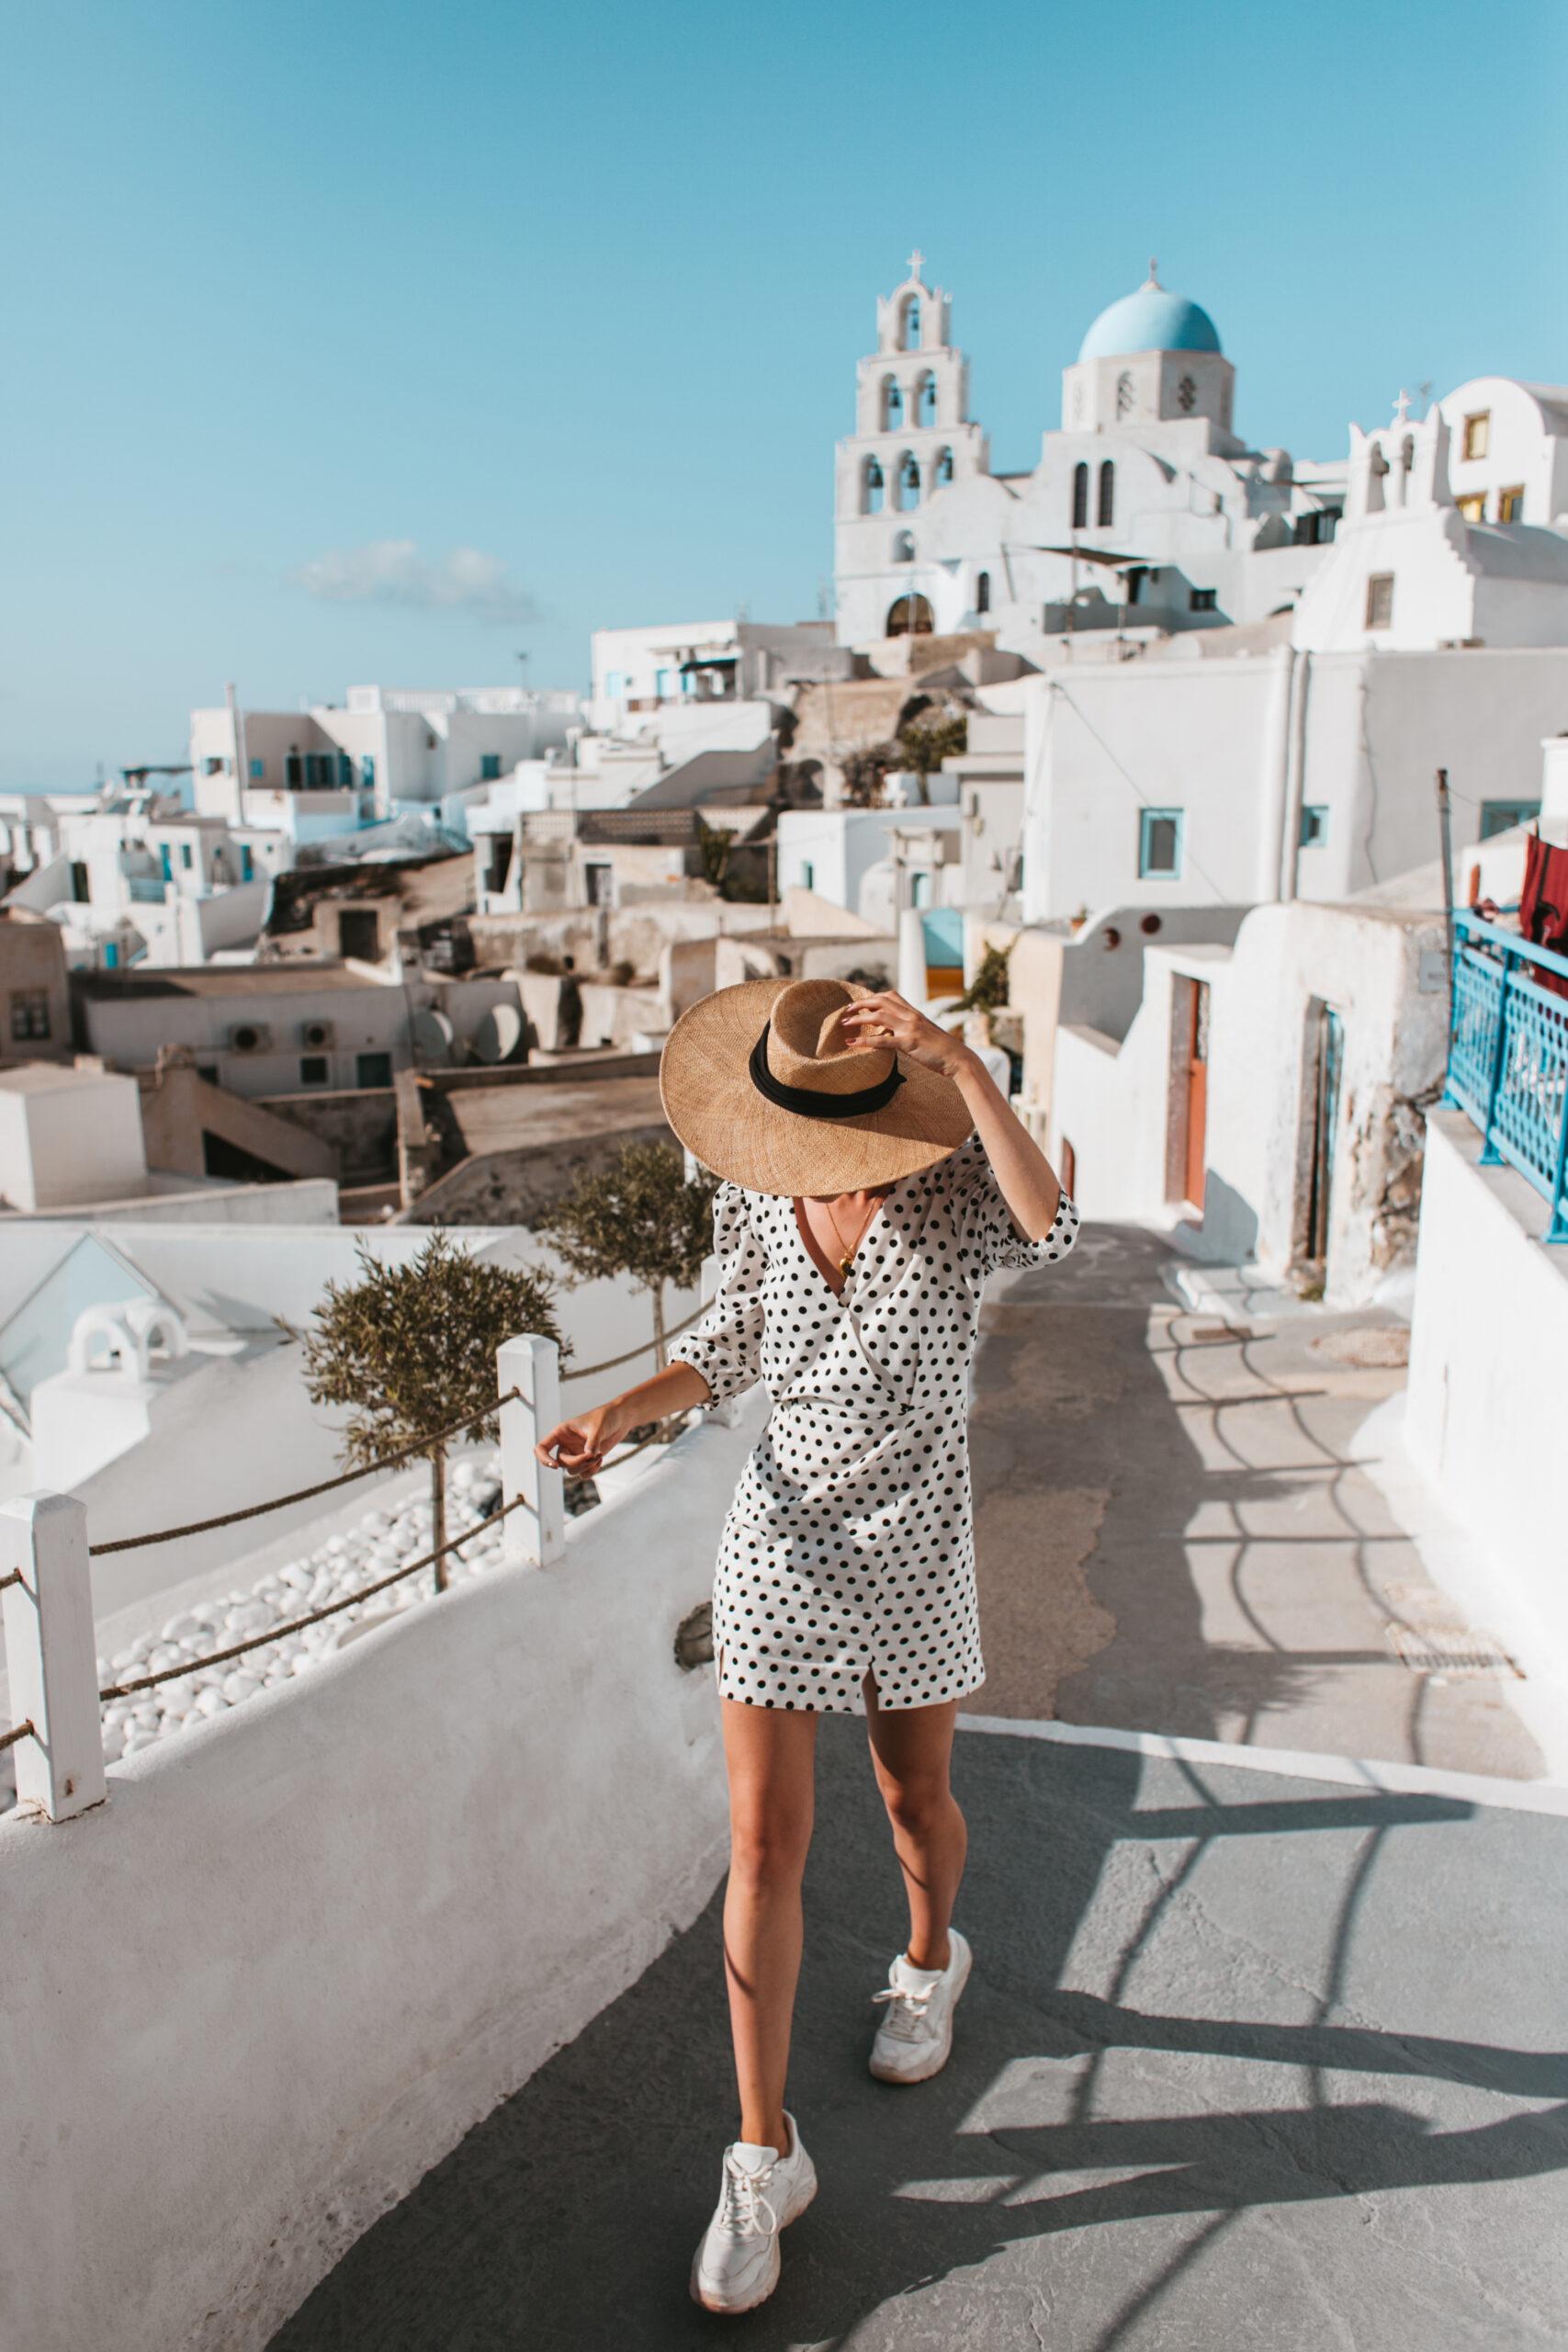 Pyrgos Santorini Grecja co zobaczyć blogerka kobieta uliczka